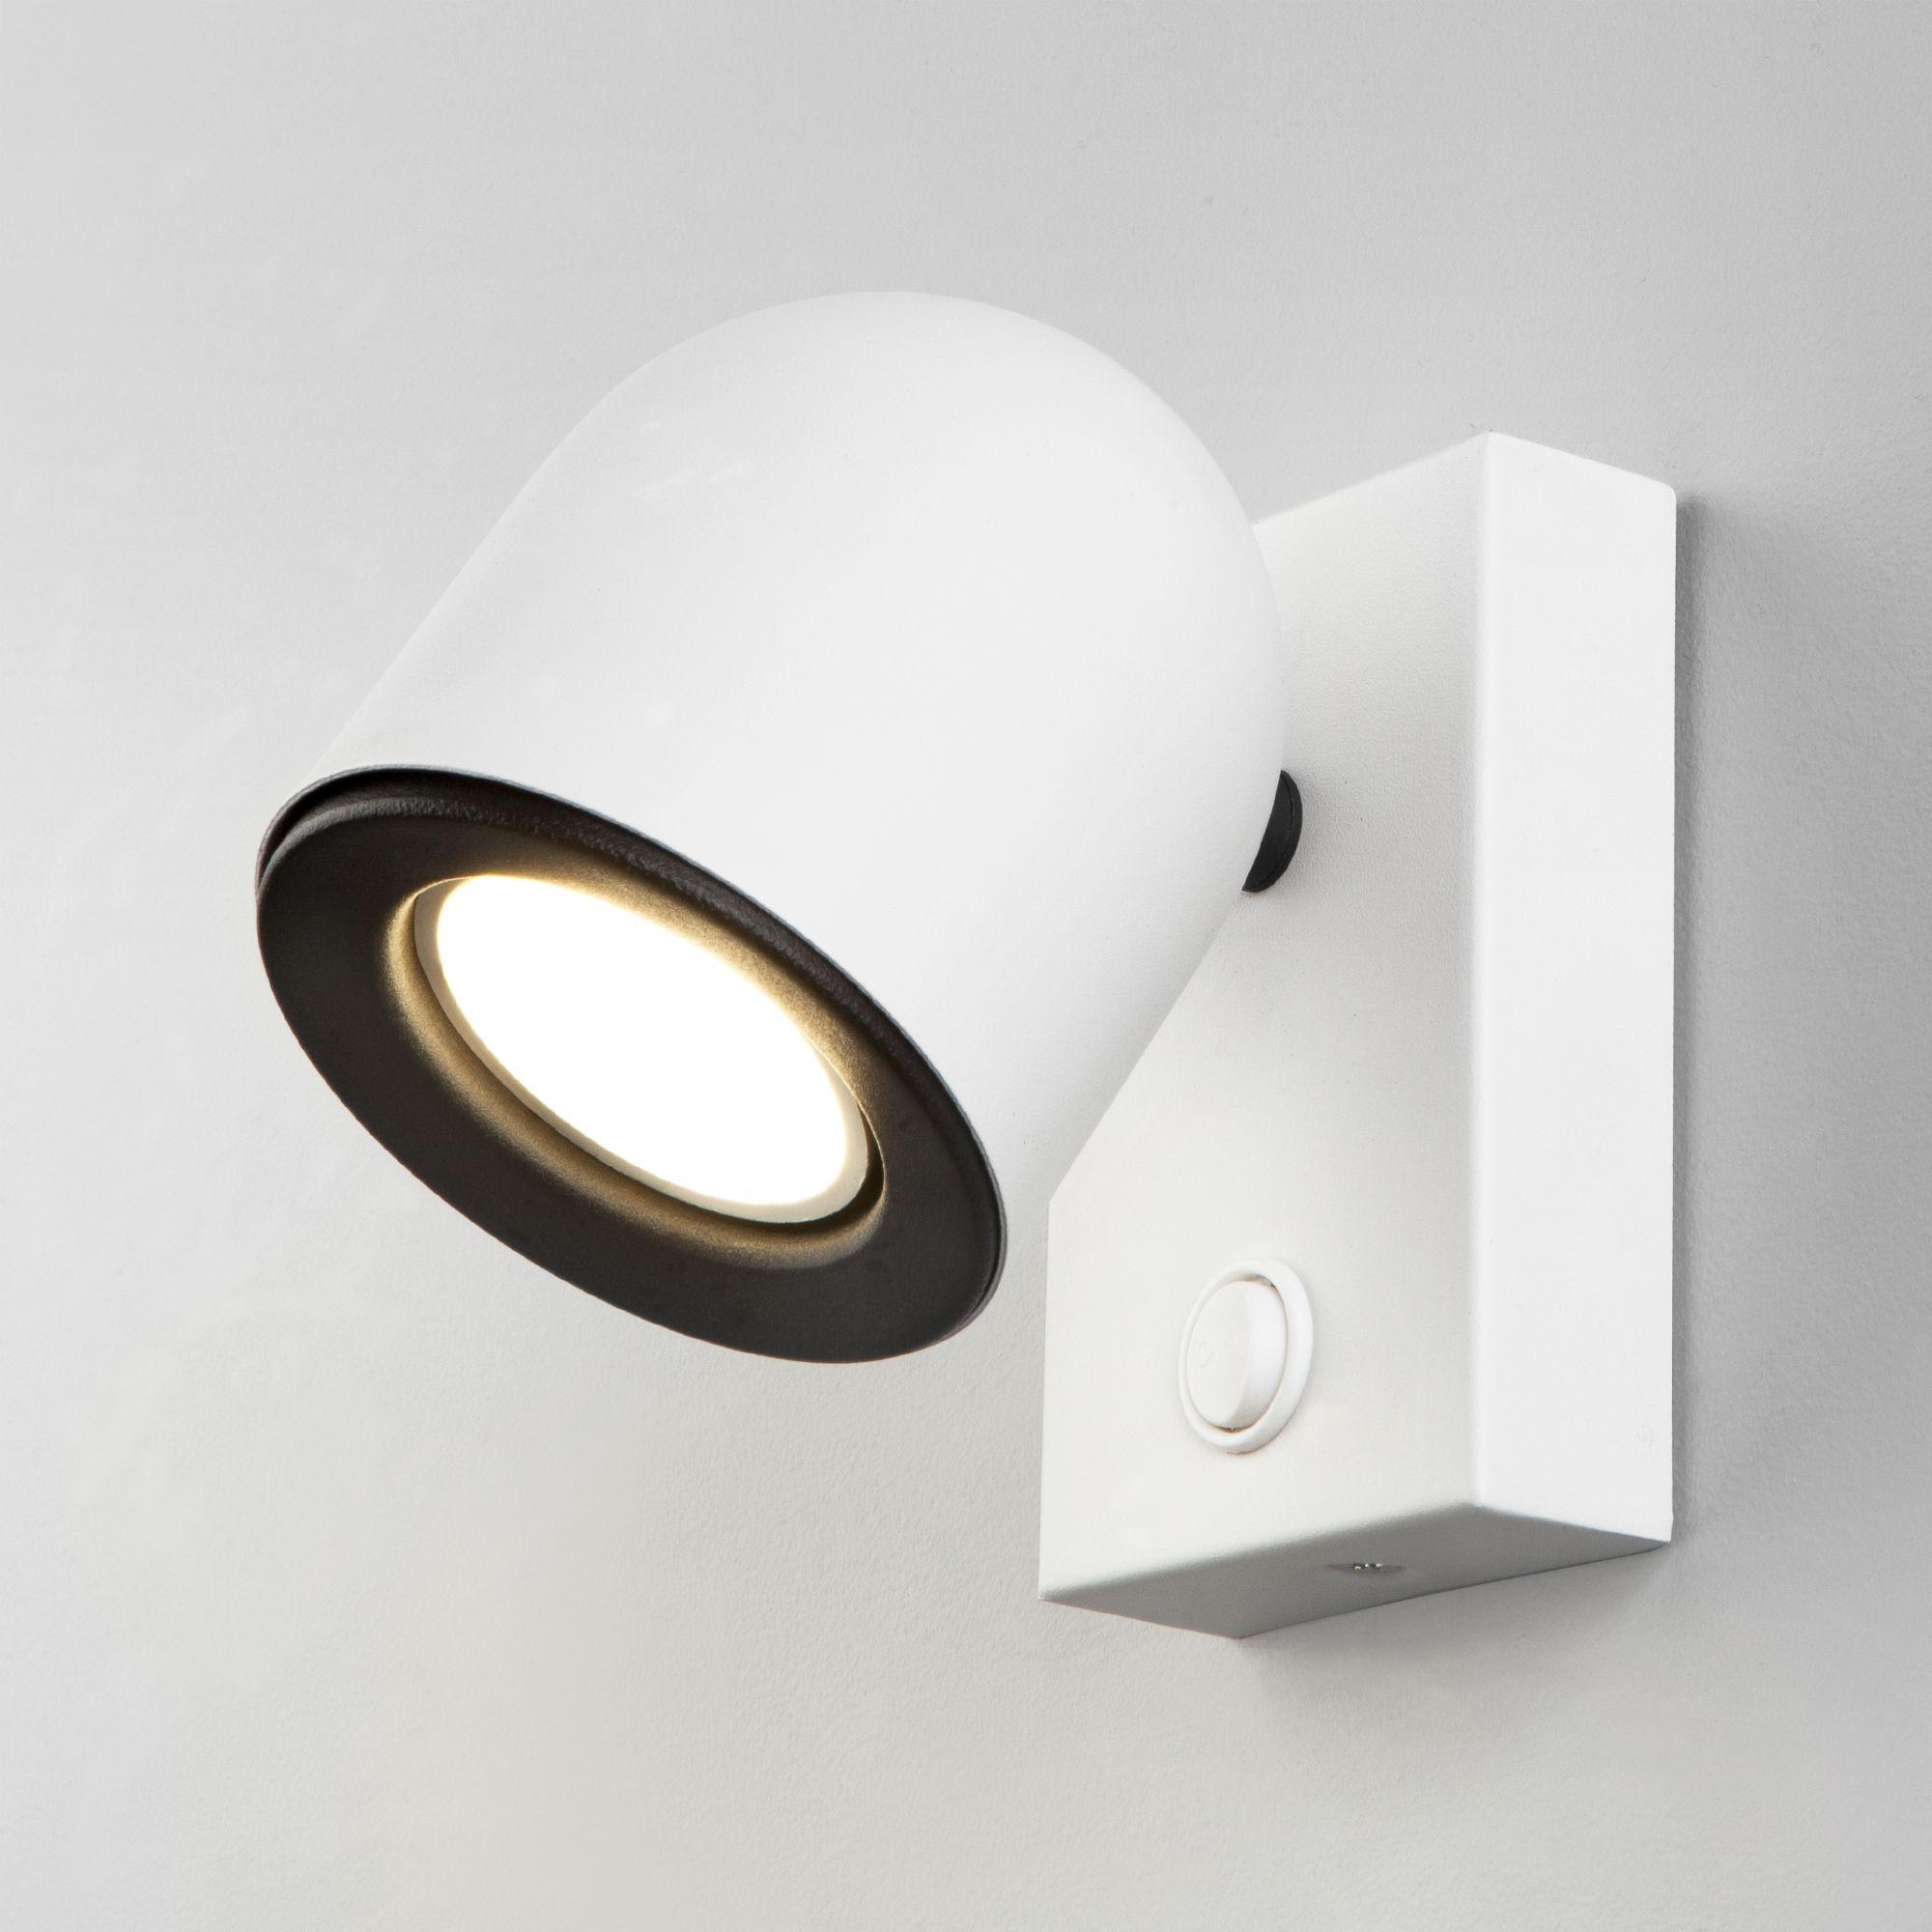 Настенный светильник Ogma GU10 SW белый Ogma GU10 SW белый (MRL 1009)